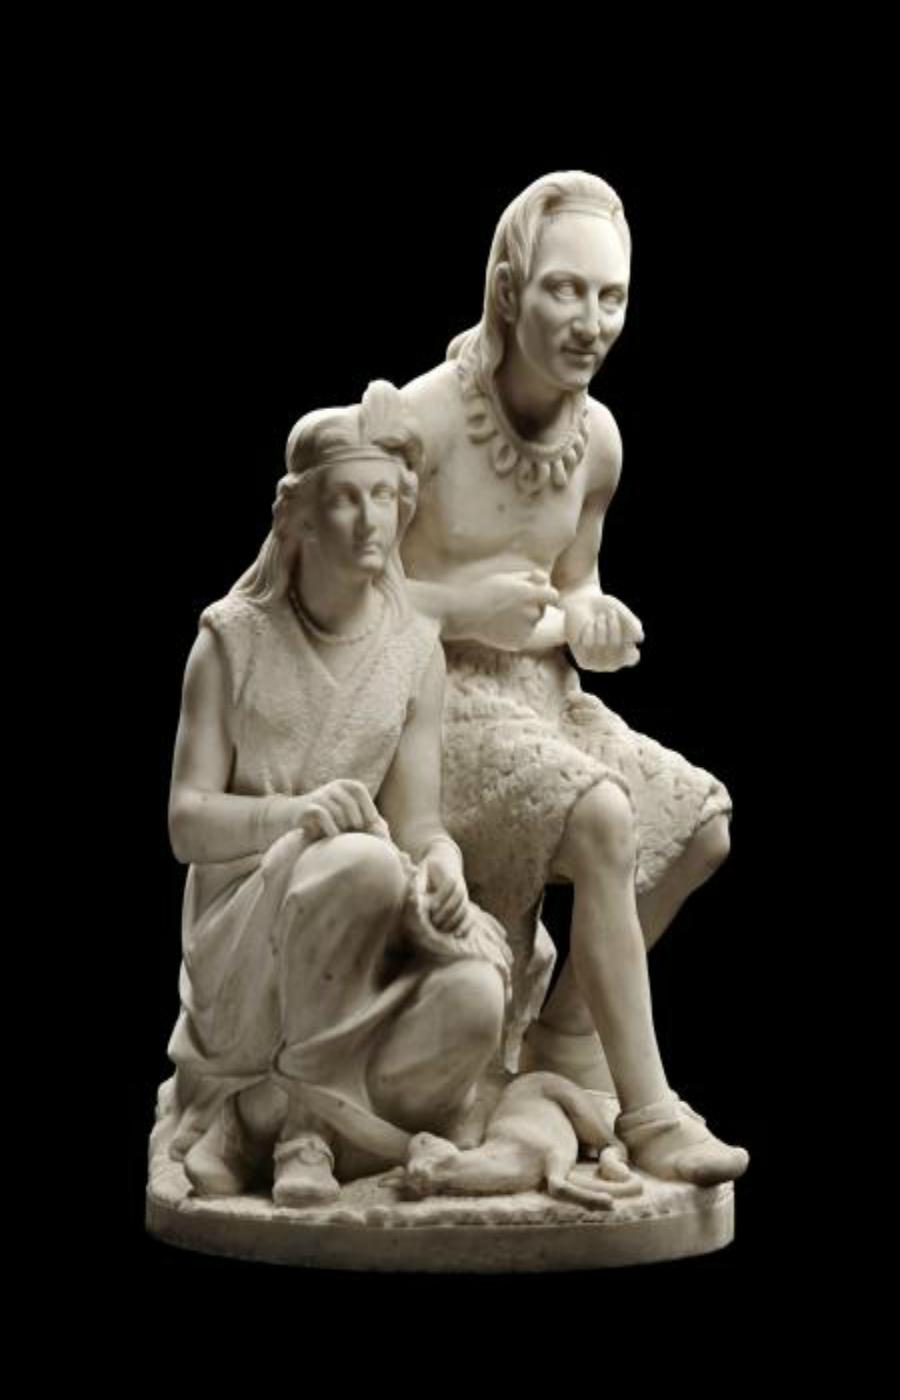 Edmonia Lewis, Old Arrow Maker , modelado en 1866, tallado en 1872, mármol, Smithsonian American Art Museum, Obsequio del Sr. y la Sra. Norman Robbins, 1983.